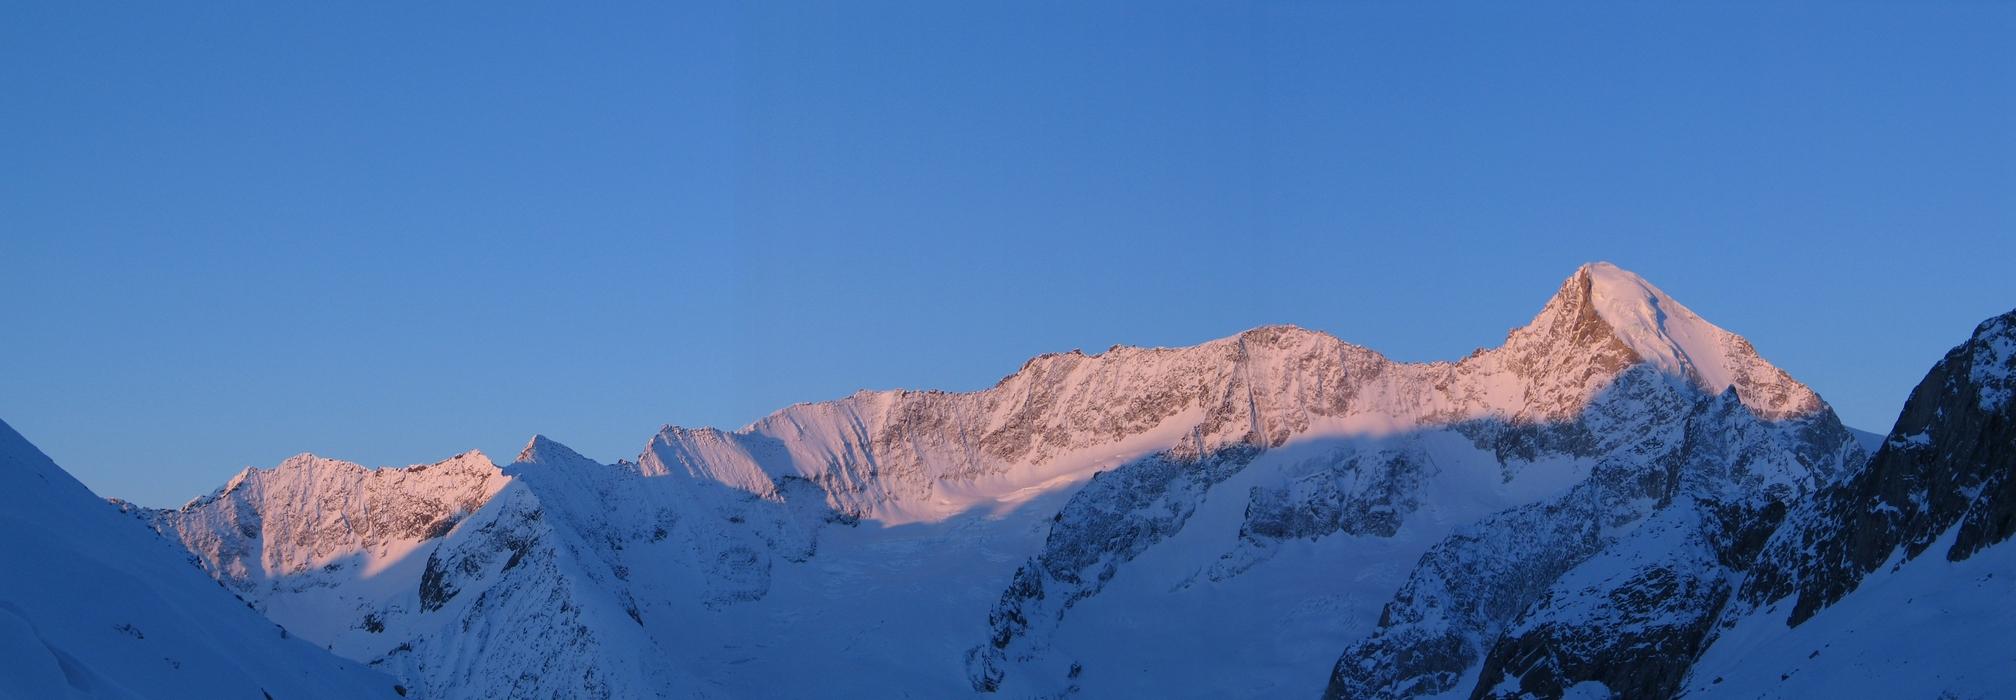 Grosser Aletschhorn Berner Alpen / Alpes bernoises Schweiz panorama 19